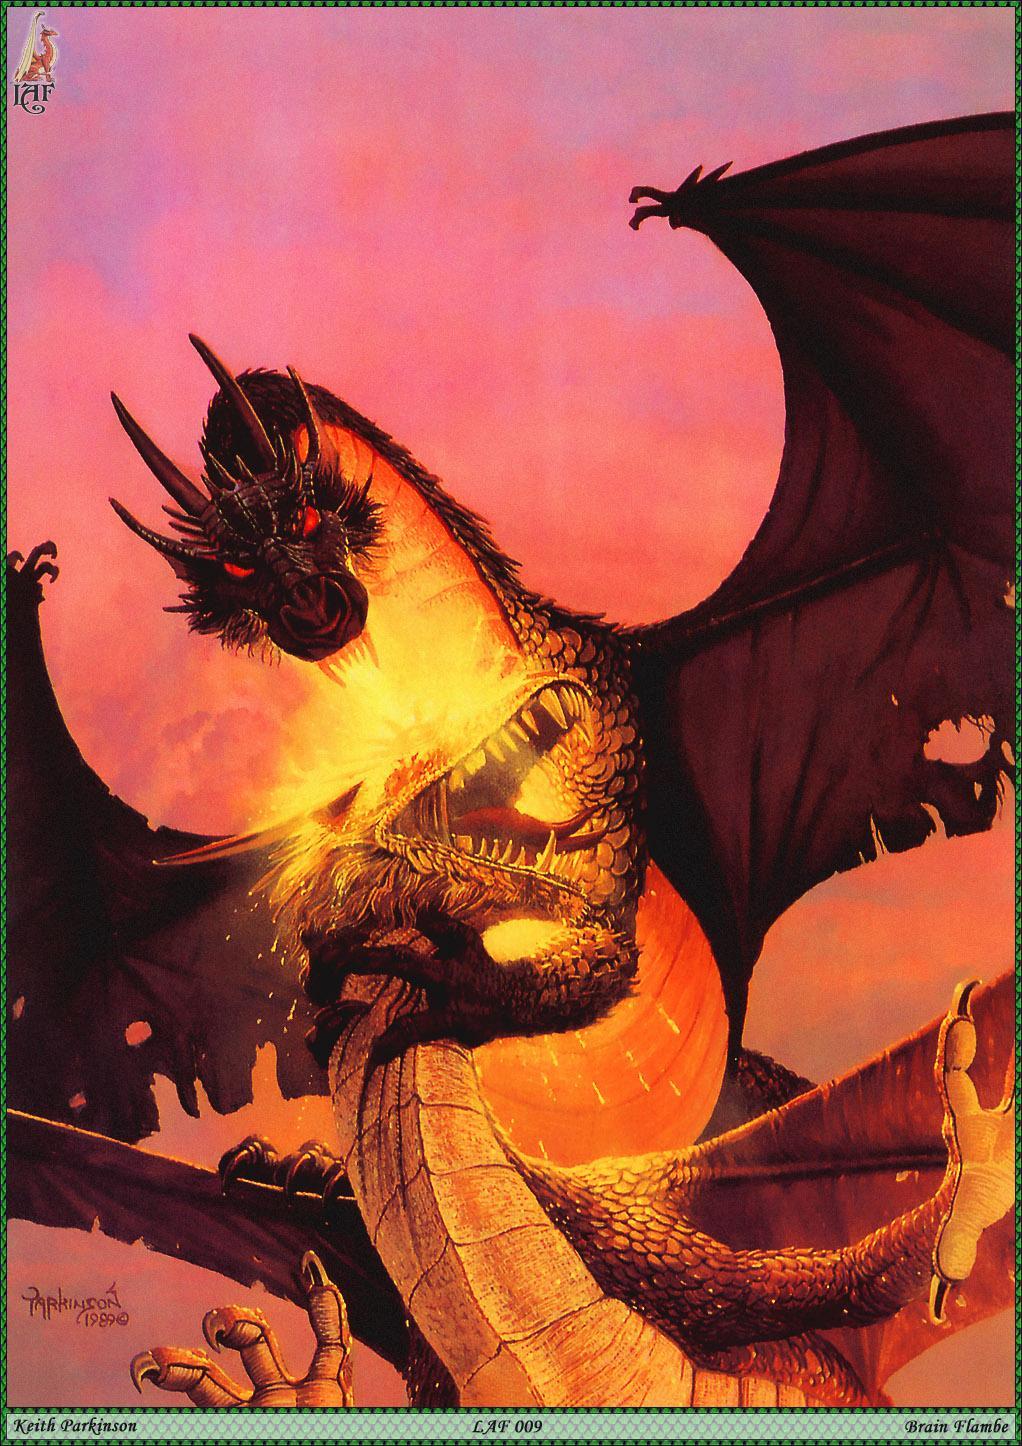 Фото дракон Keith Parkinson две сражение Фантастика пламя  для мобильного телефона Драконы Кит Паркинсон 2 два Двое Драка вдвоем дерется дерутся Фэнтези Огонь